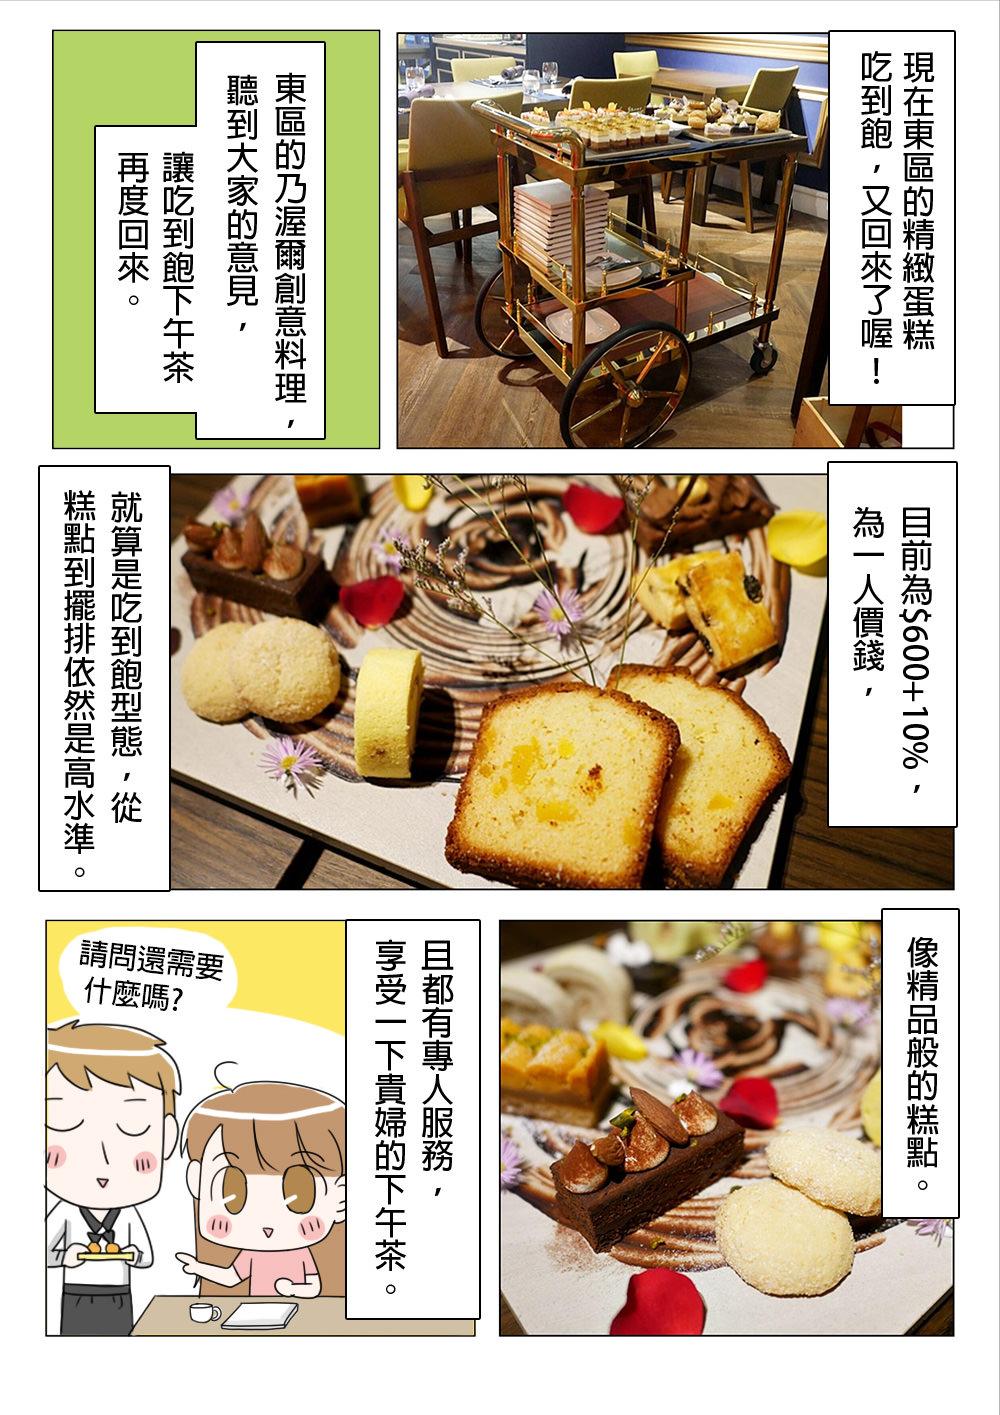 東區 下午茶 餐廳 推薦 乃渥爾創意料理 精緻蛋糕 吃到飽又回來囉!